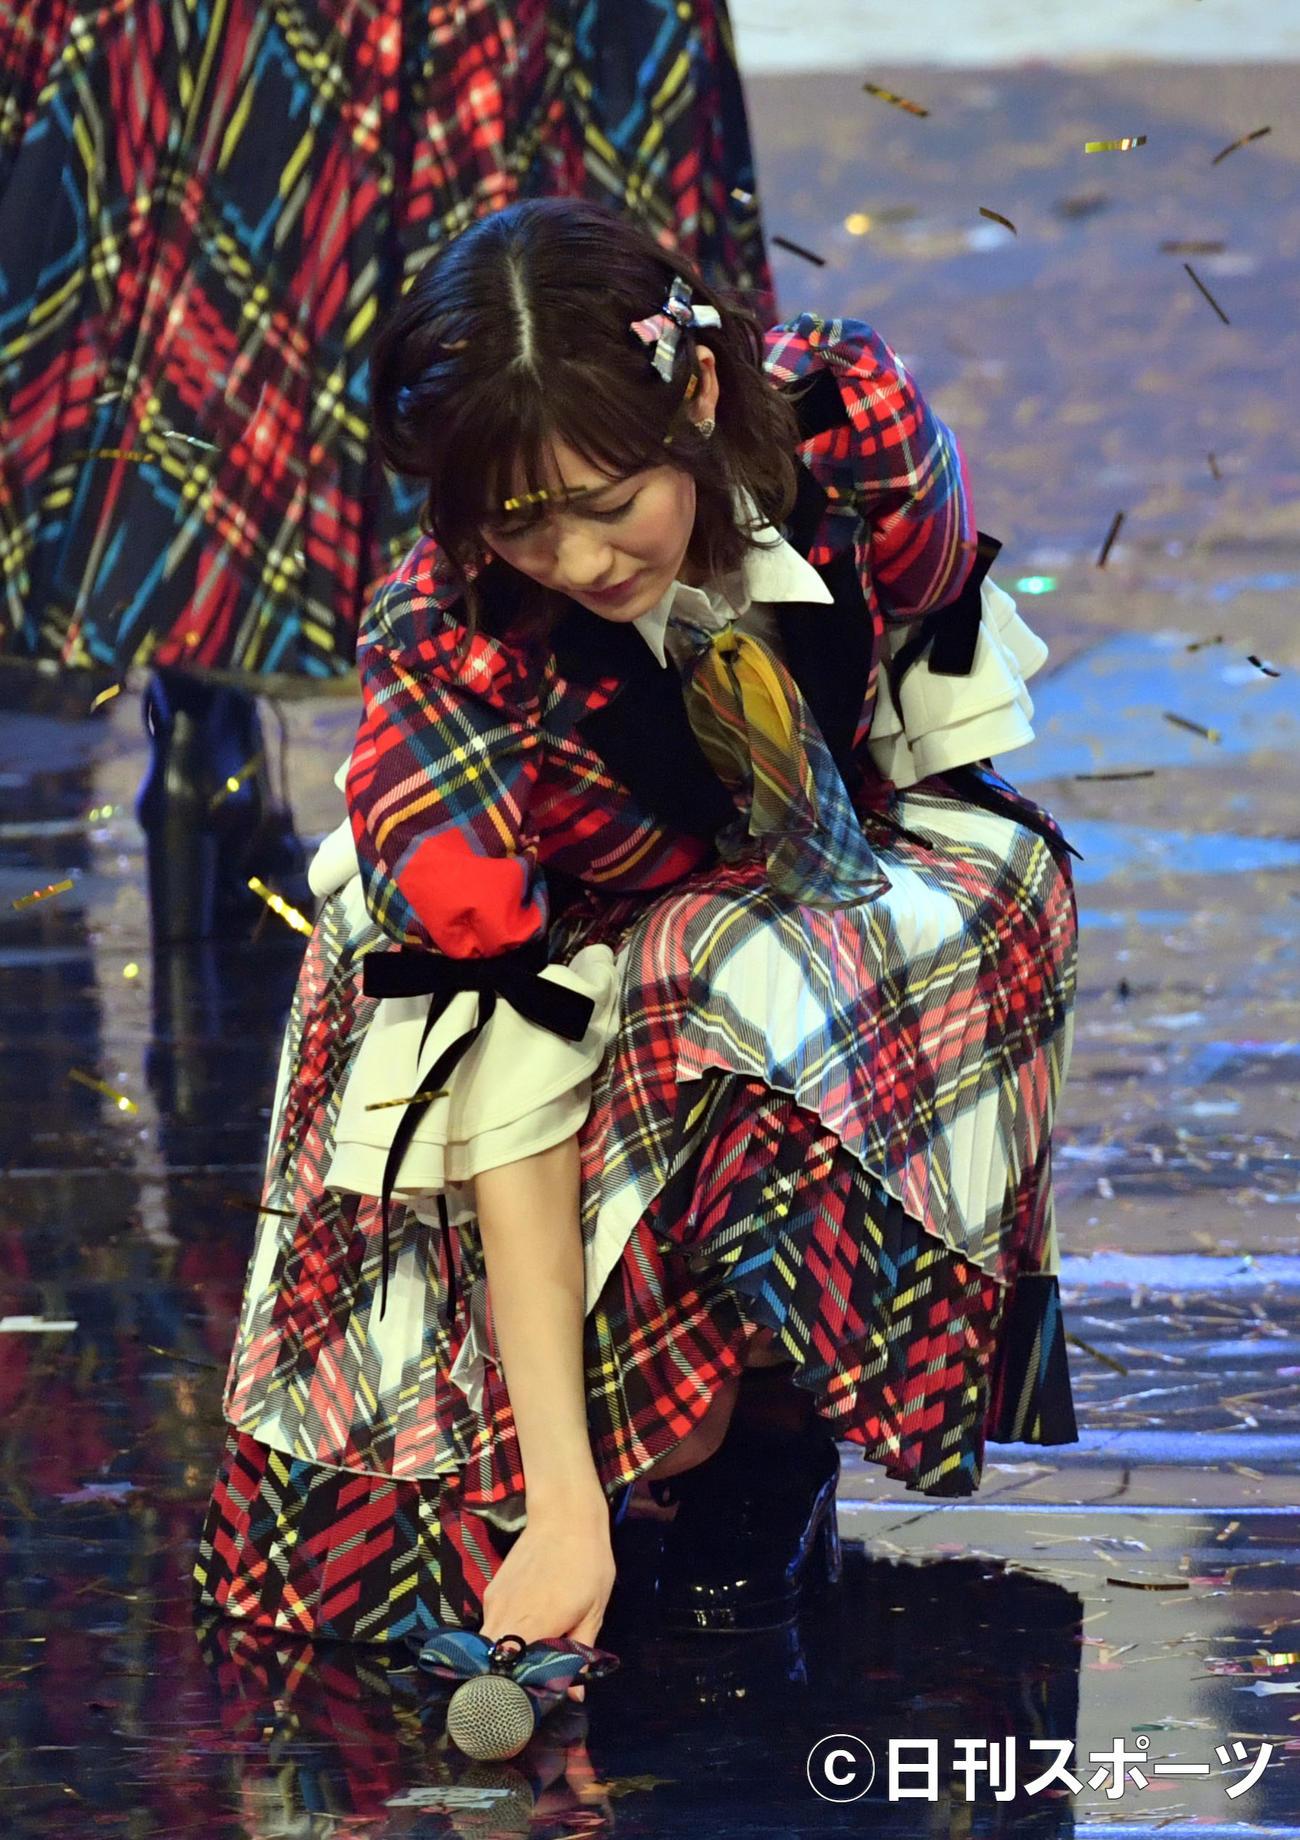 17年NHK紅白歌合戦 「11月のアンクレット」を歌い終わった後、マイクを置く渡辺麻友